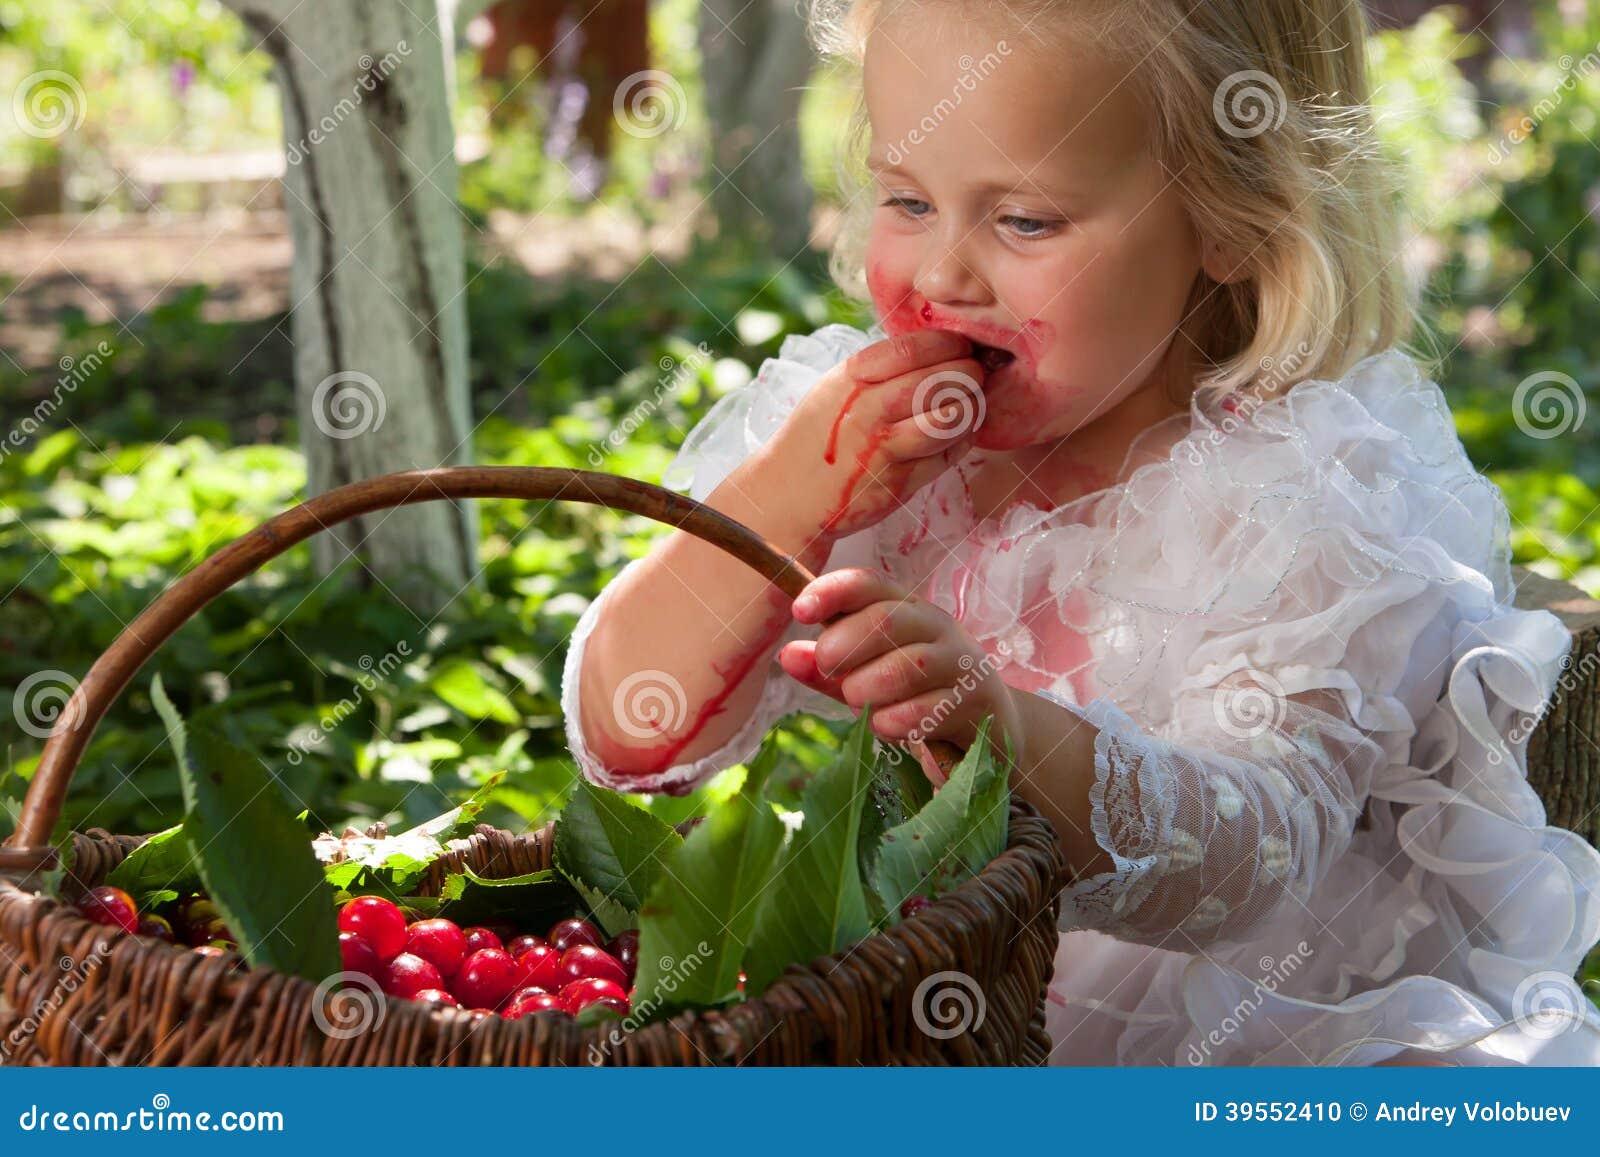 Flicka med korgen av körsbär